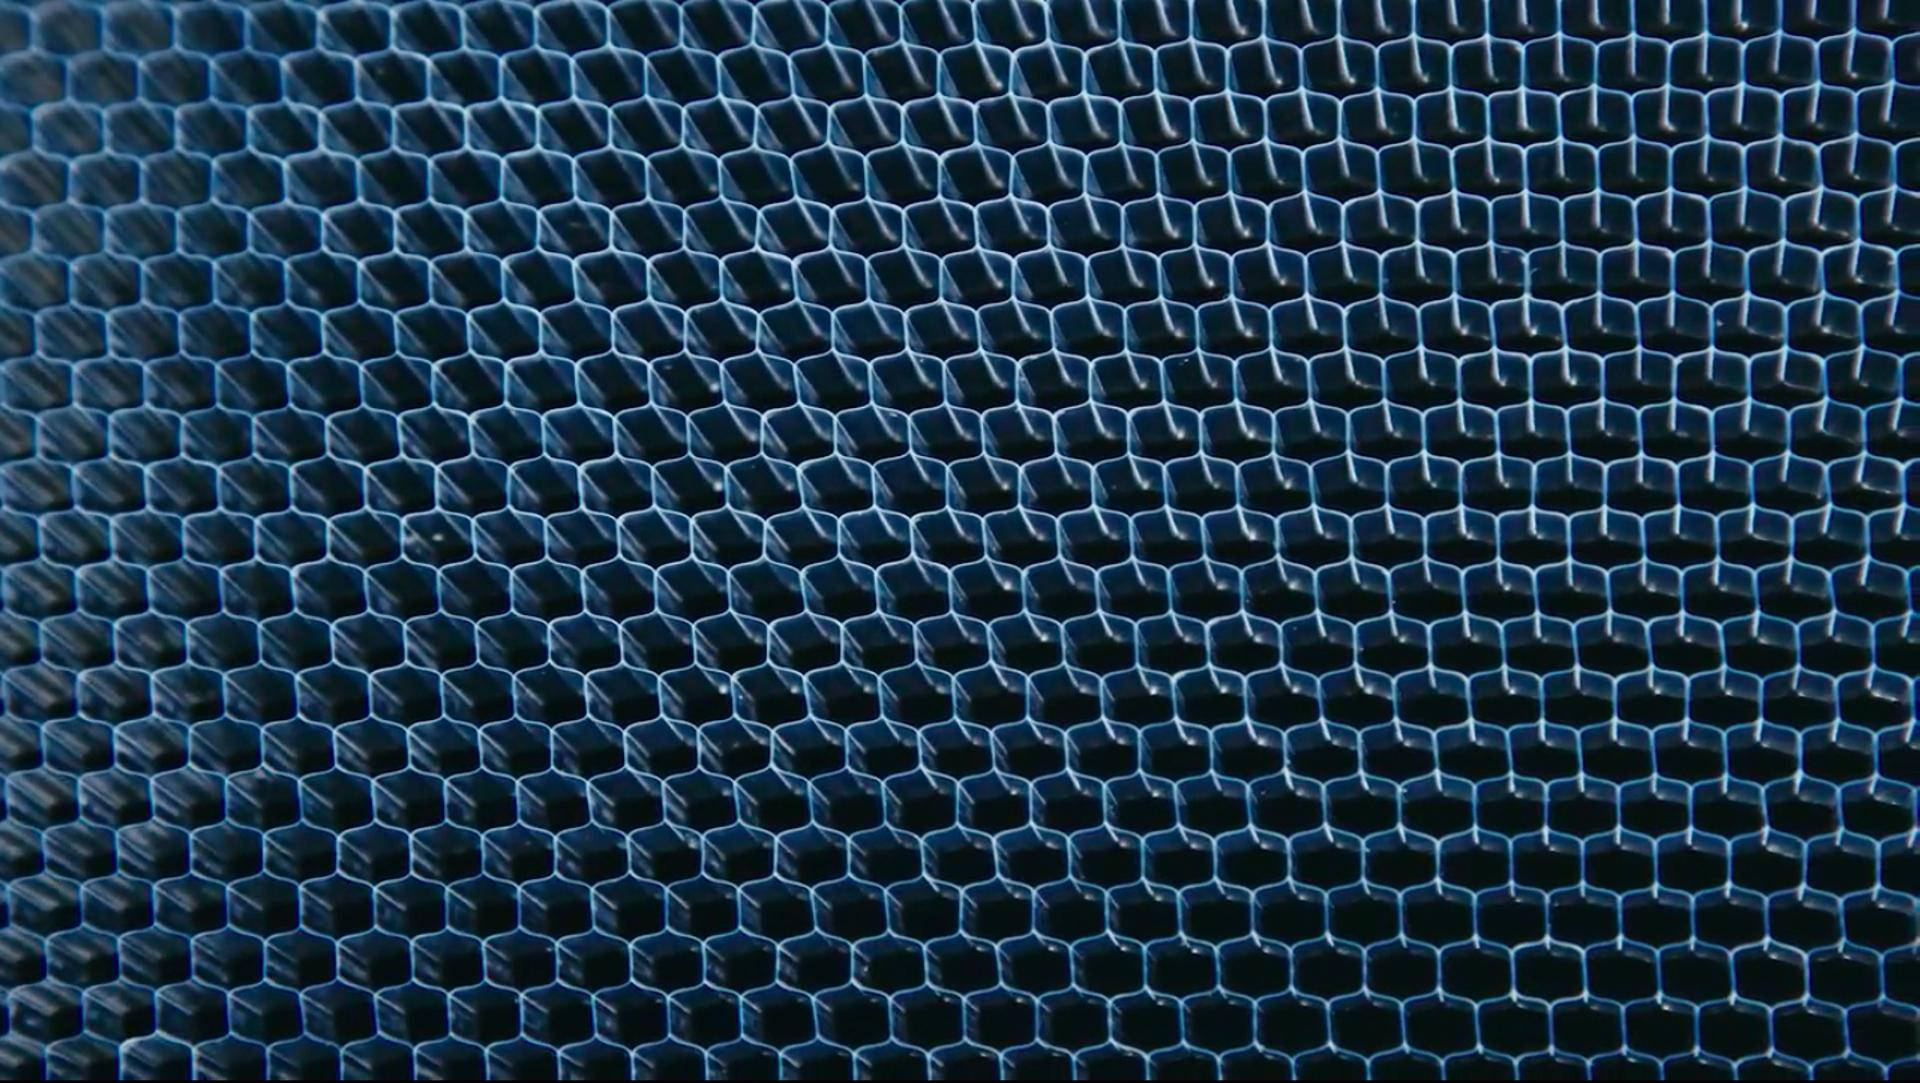 Nissan_acoustic_meta-material_0008